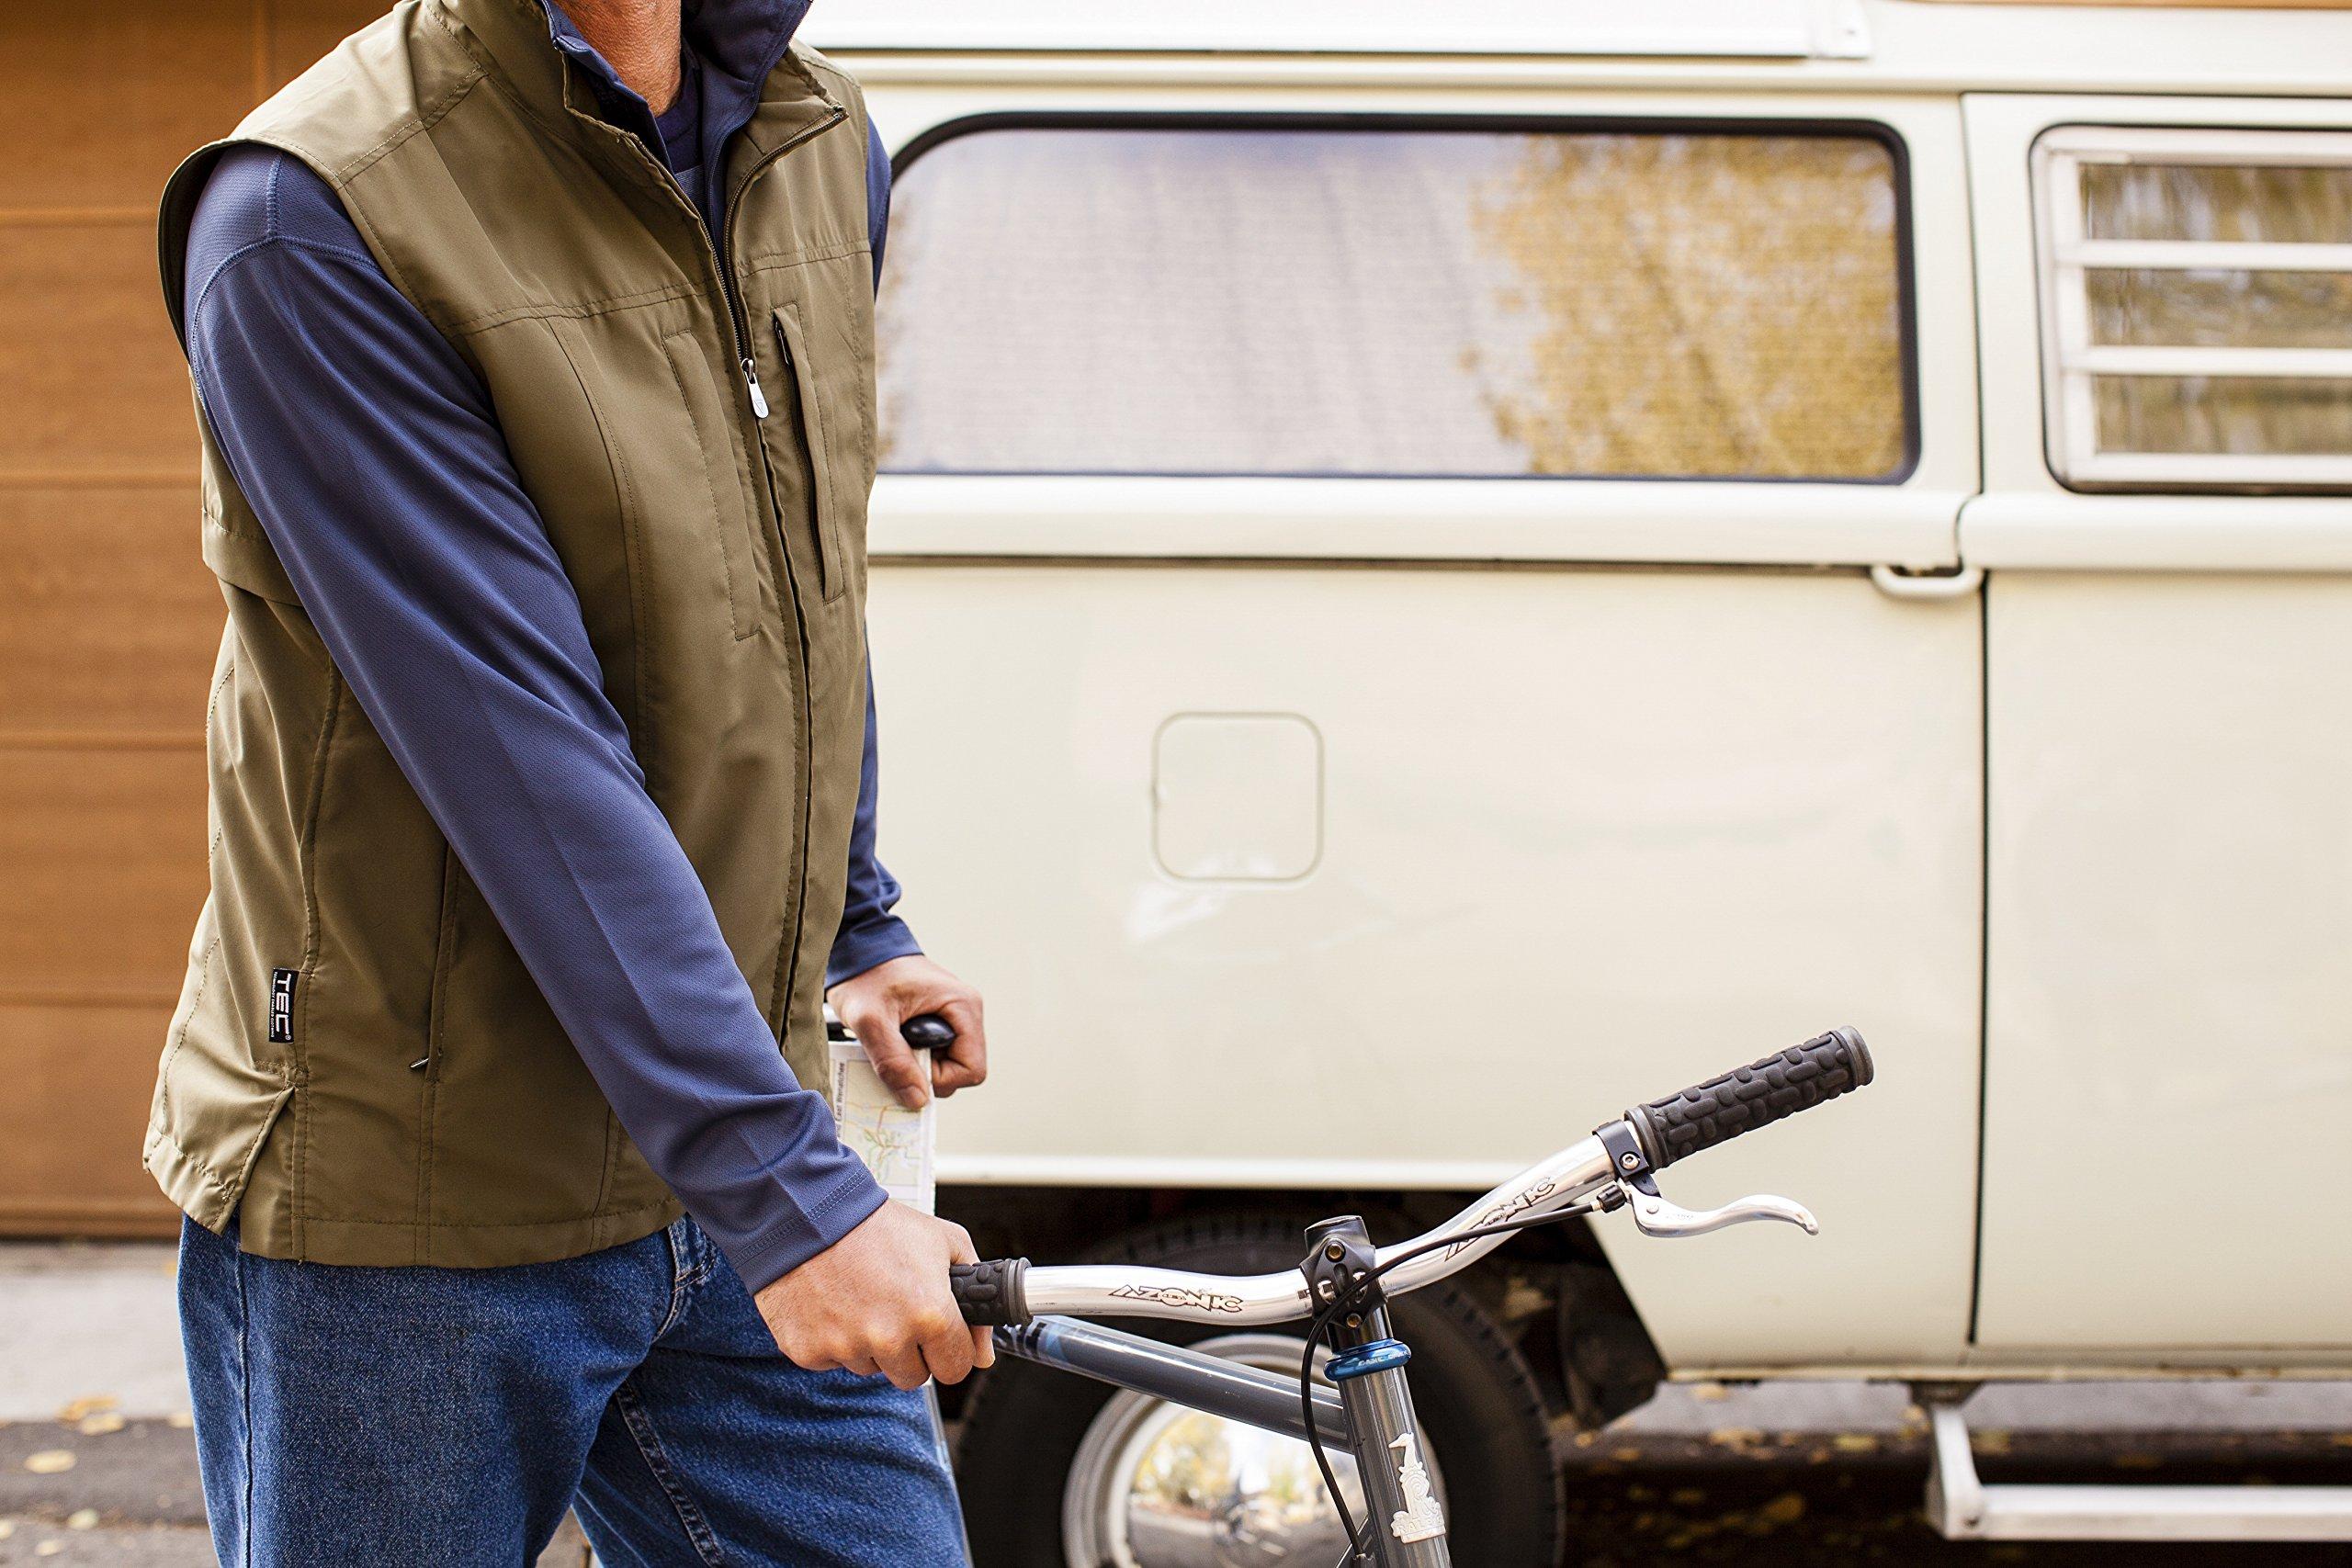 SCOTTeVEST Men's RFID Travel Vest - 26 Pockets – Travel Clothing Blk XXXL by SCOTTeVEST (Image #3)